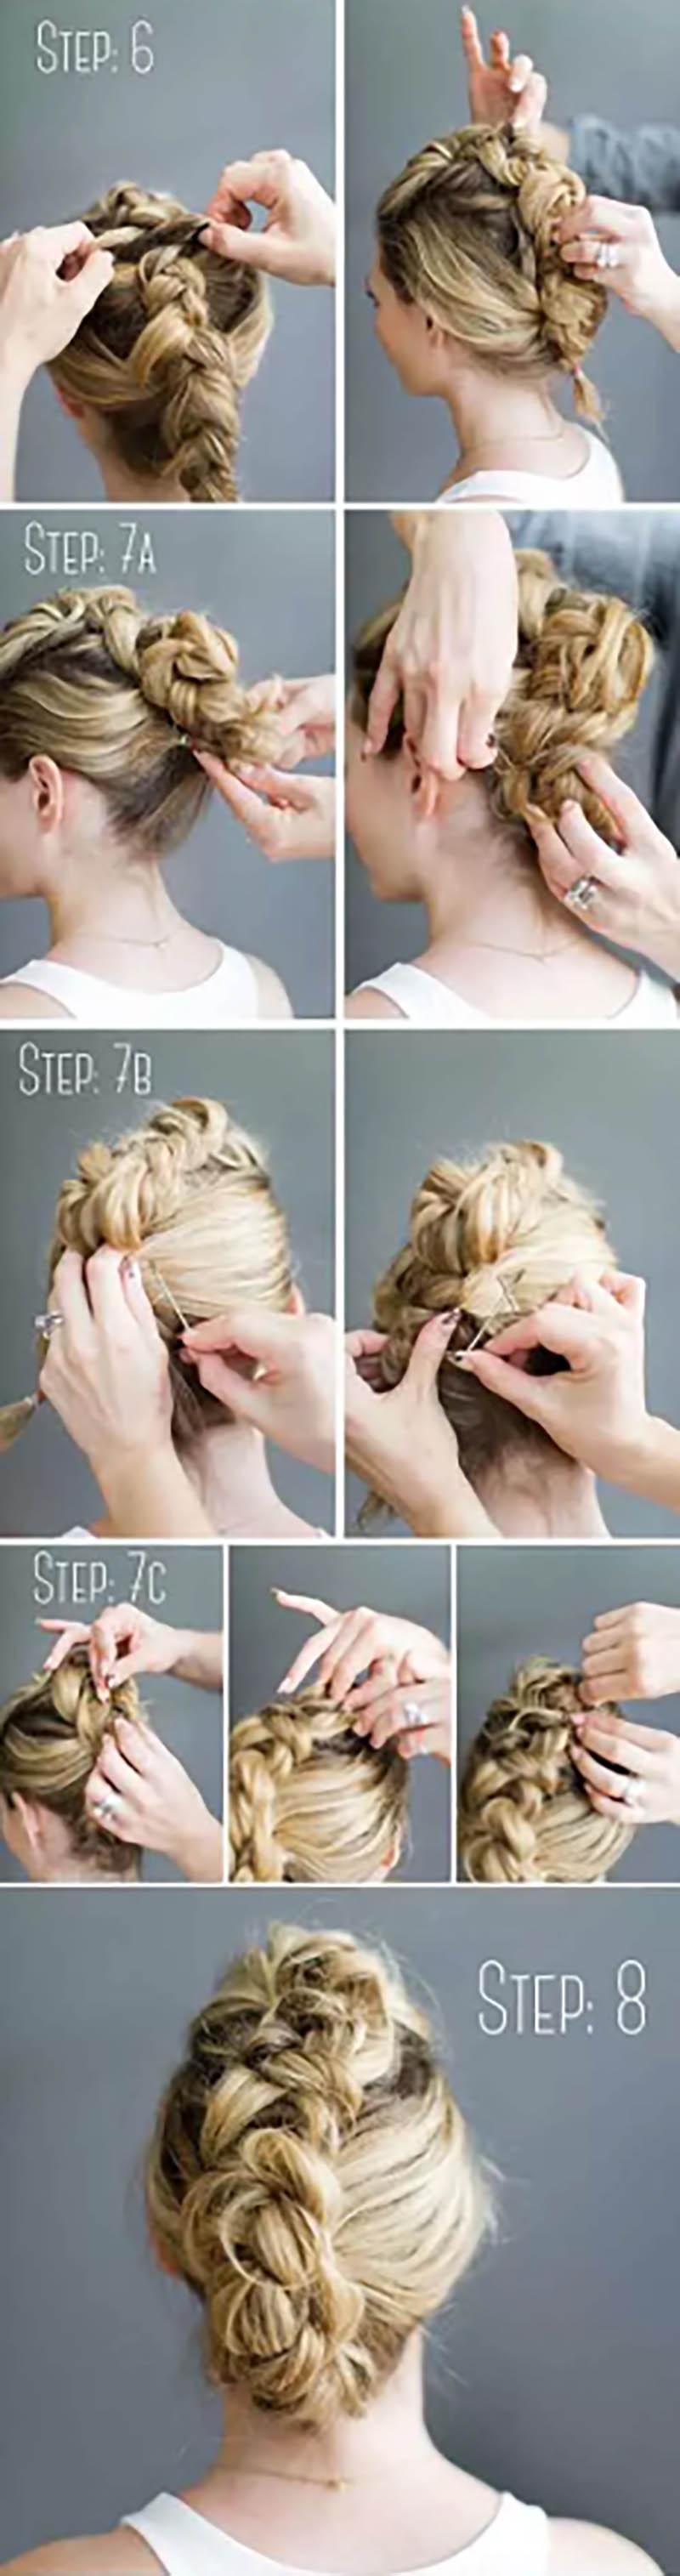 20 Mẫu tóc búi đẹp quyến rũ cho cô nàng bận rộn 1